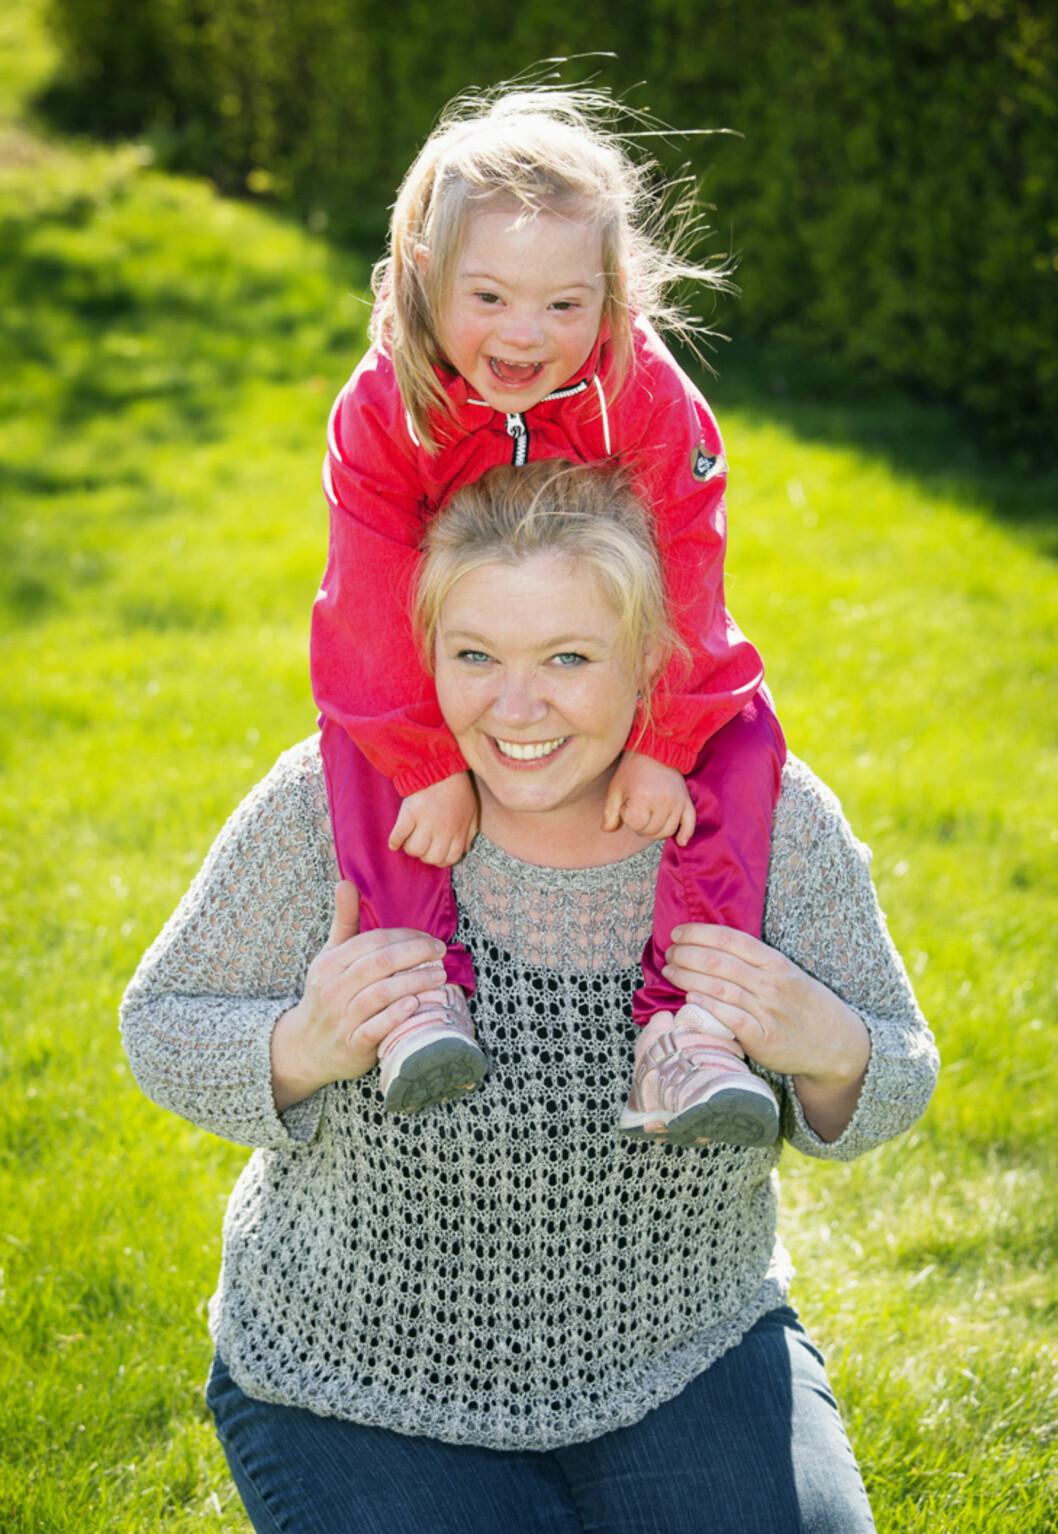 <strong>ENGSTELIG:</strong> Lea var engstelig da hun skjønte at Pia skulle bli storesøster. Hun var redd for å få nok et barn som måtte hjerteopereres. Foto: TOR LINDSETH/SE OG HØR